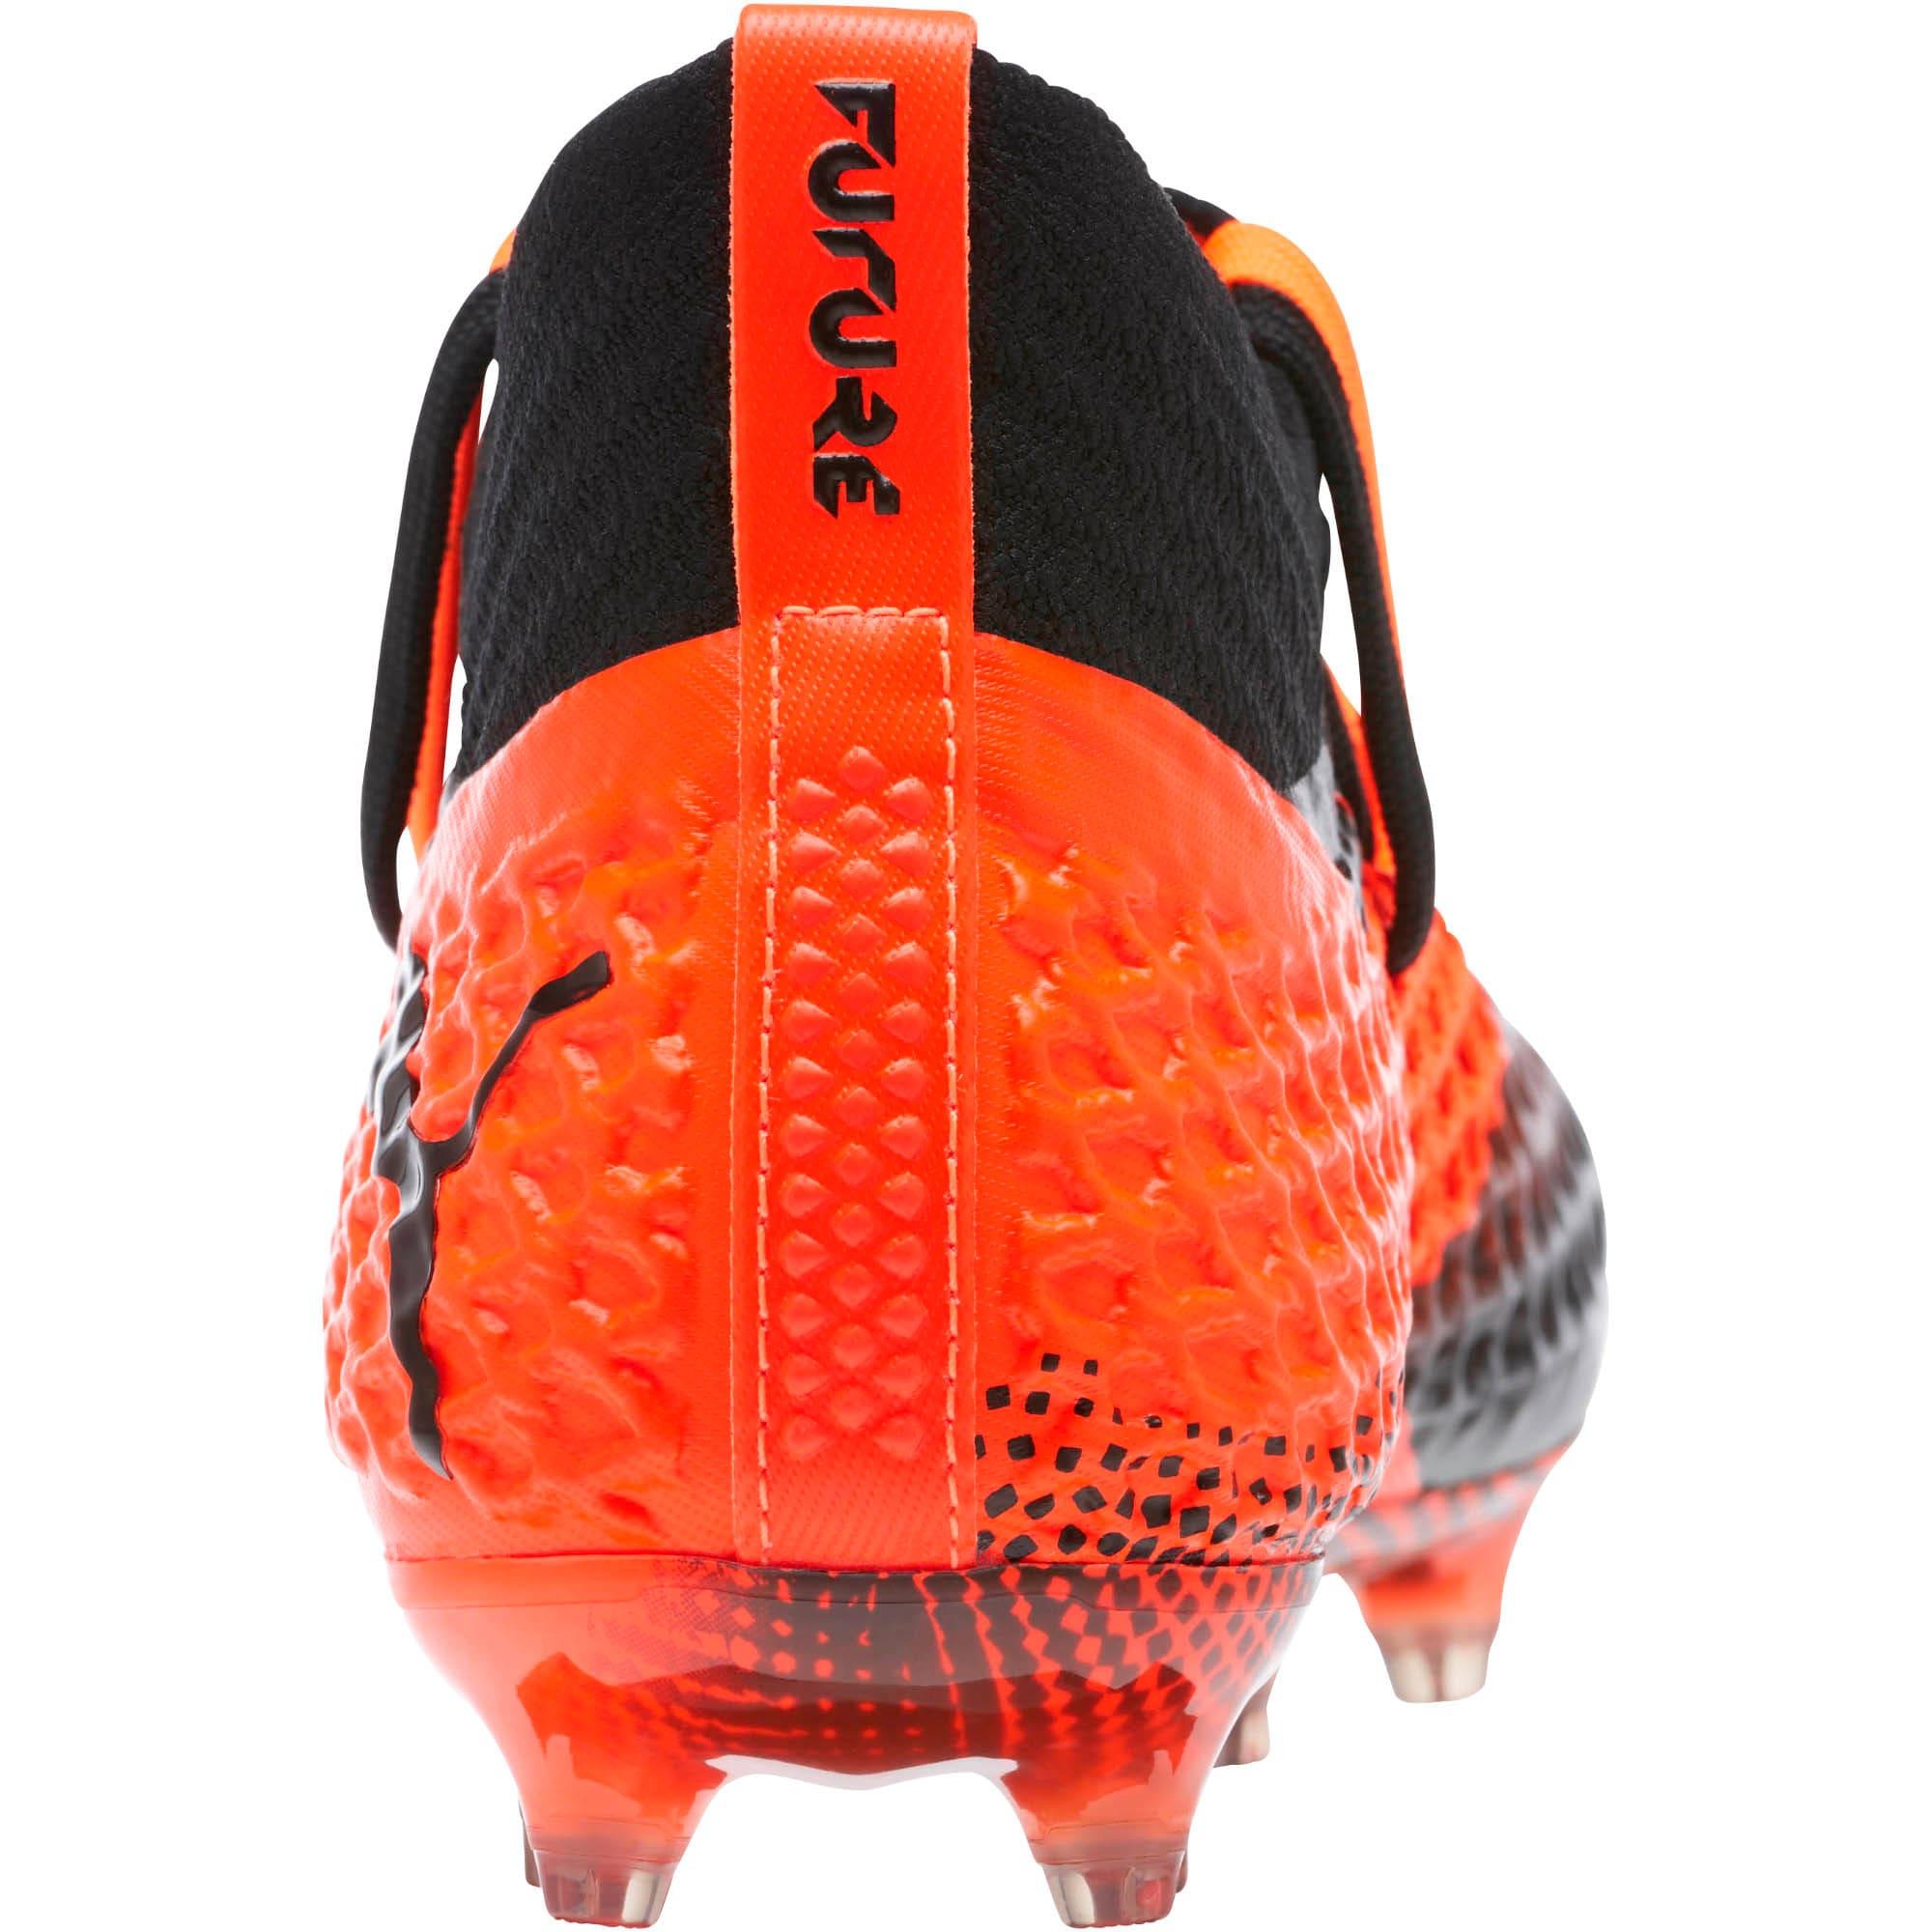 Thumbnail 4 of FUTURE 2.1 NETFIT FG/AG Soccer Cleats JR, Black-Orange, medium